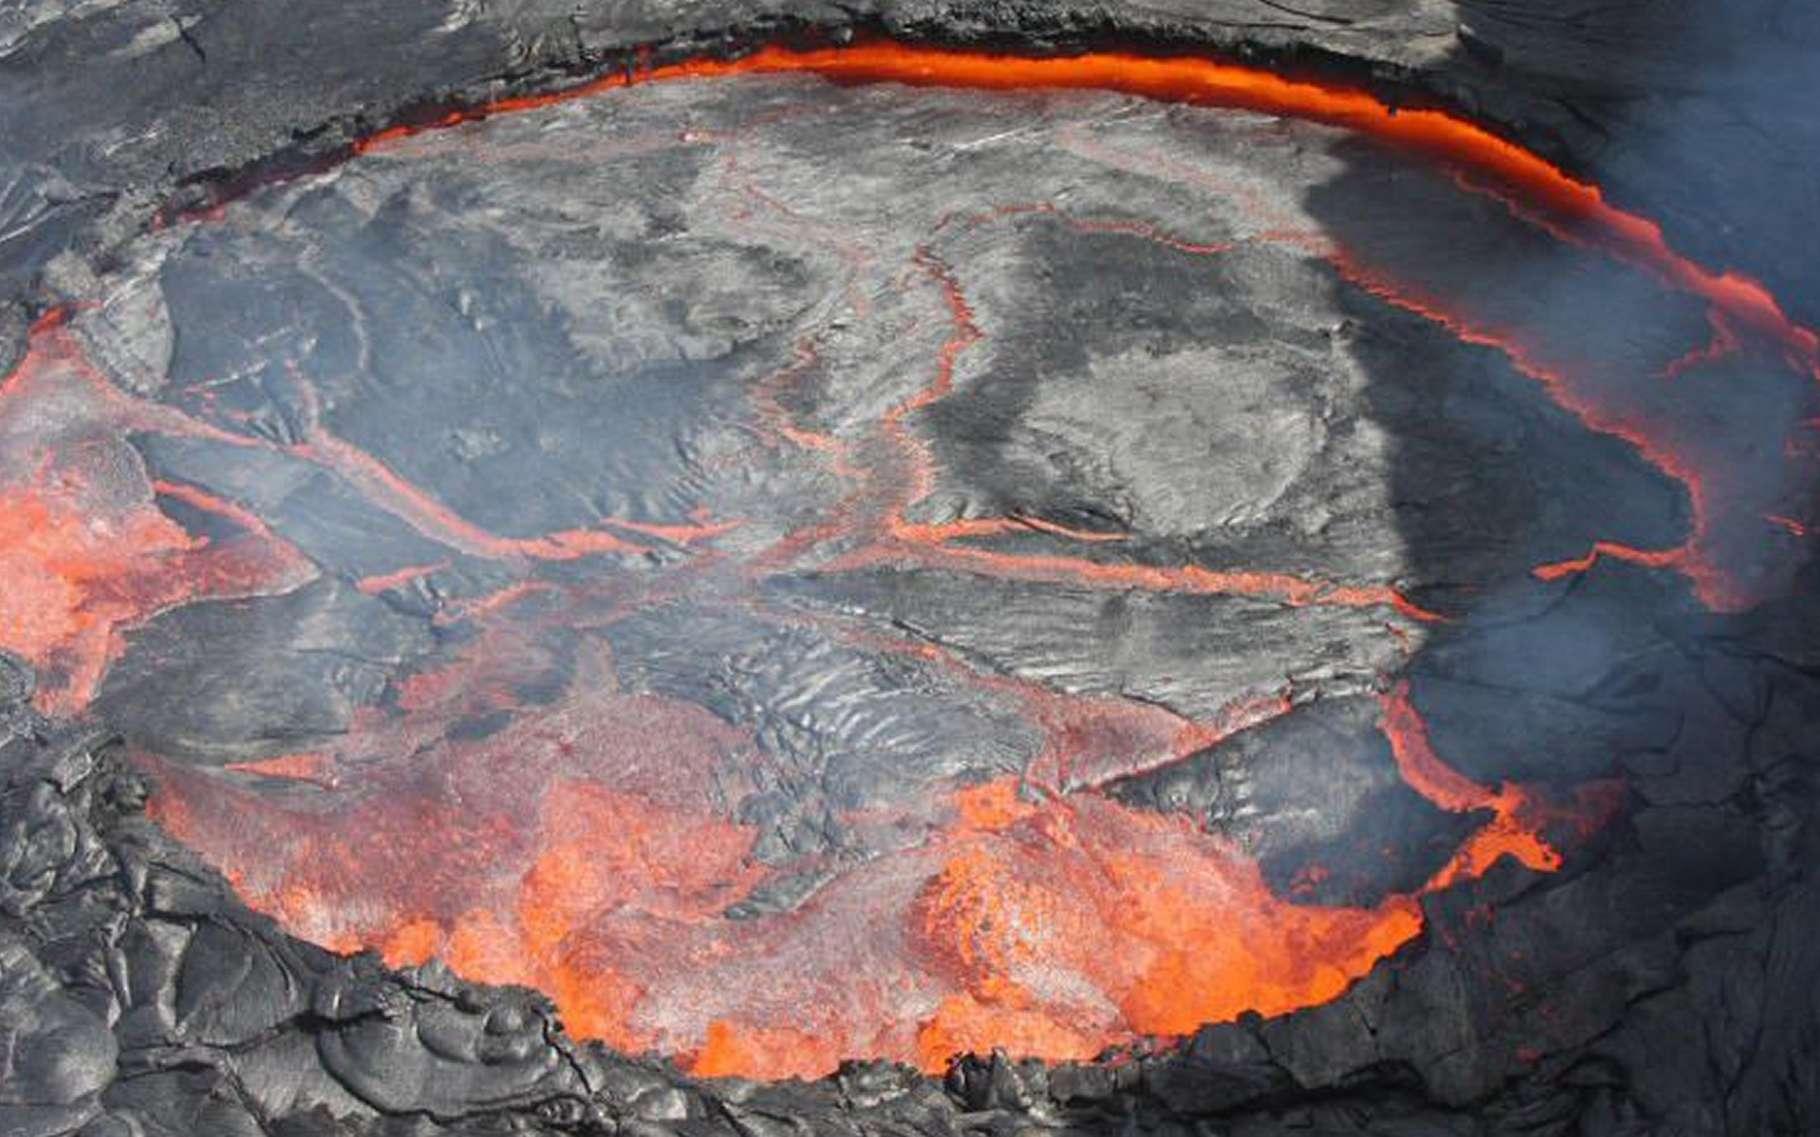 Le célèbre lac de lave permanent de l'Erta Ale, en Éthiopie. Sur sa surface, on peut voir l'équivalent de la tectonique des plaques en accéléré. © Richard Roscoe-photovolcanica.com